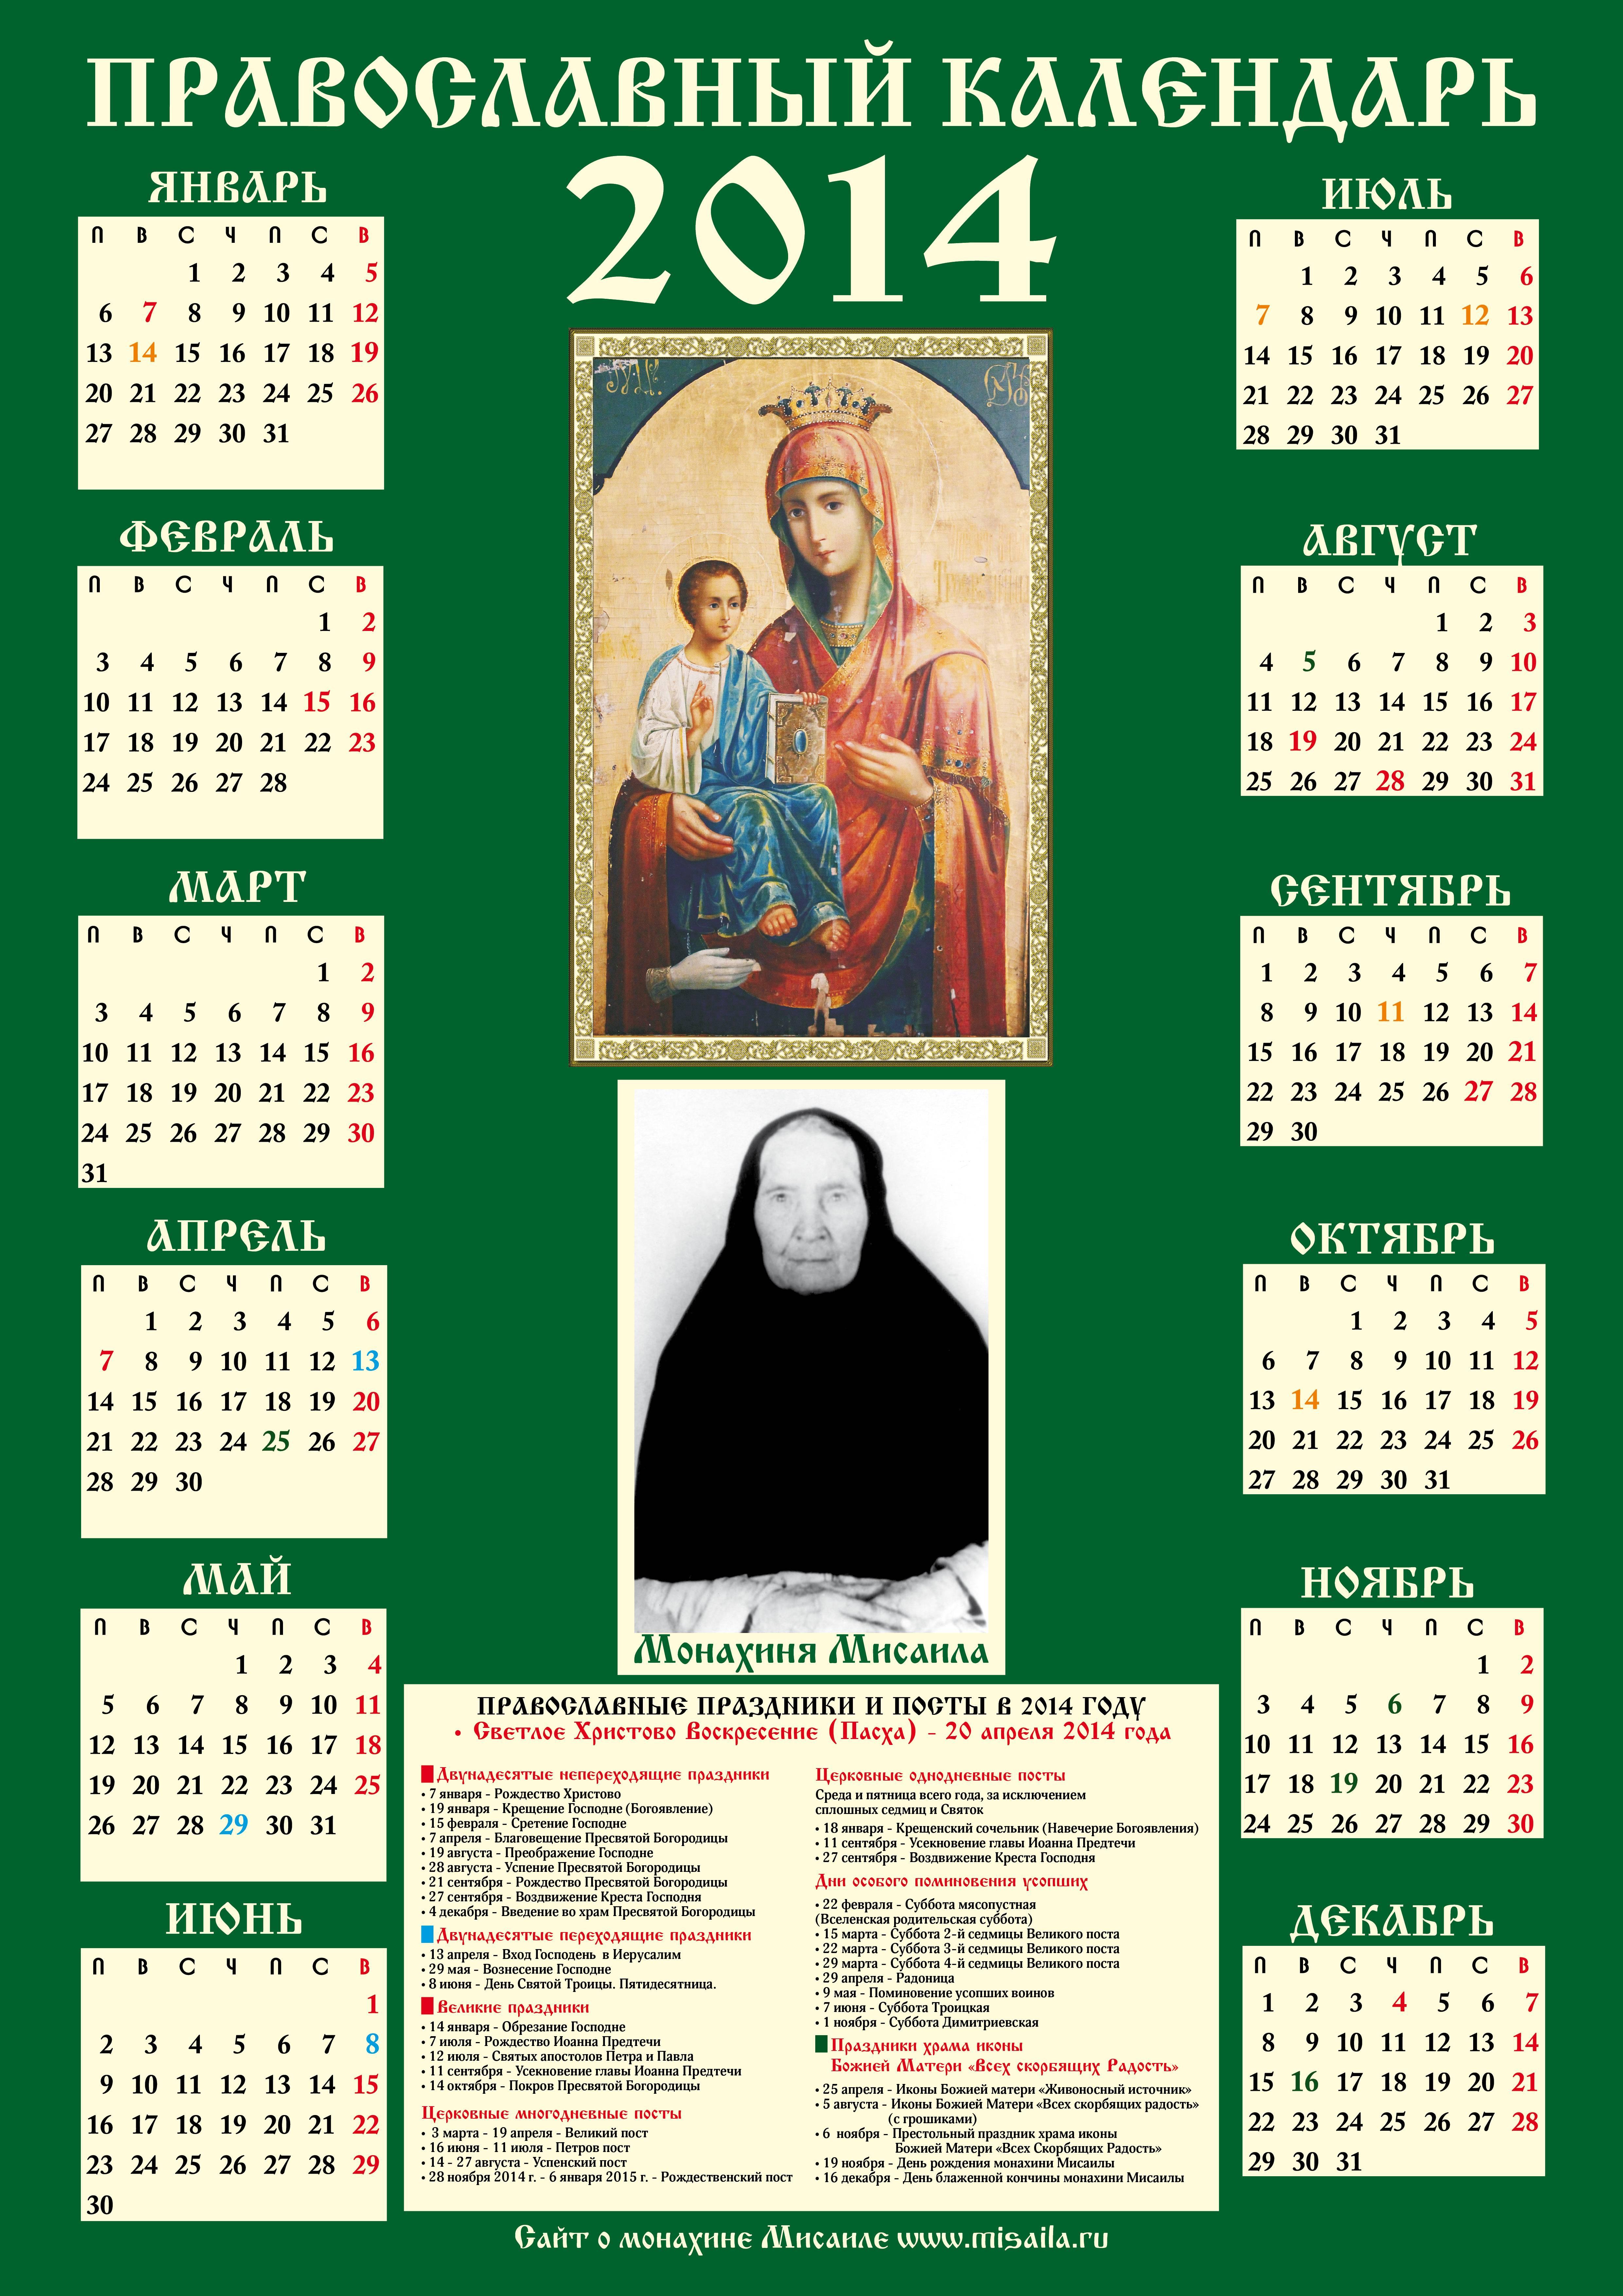 Календарь православных праздников на 2014 год